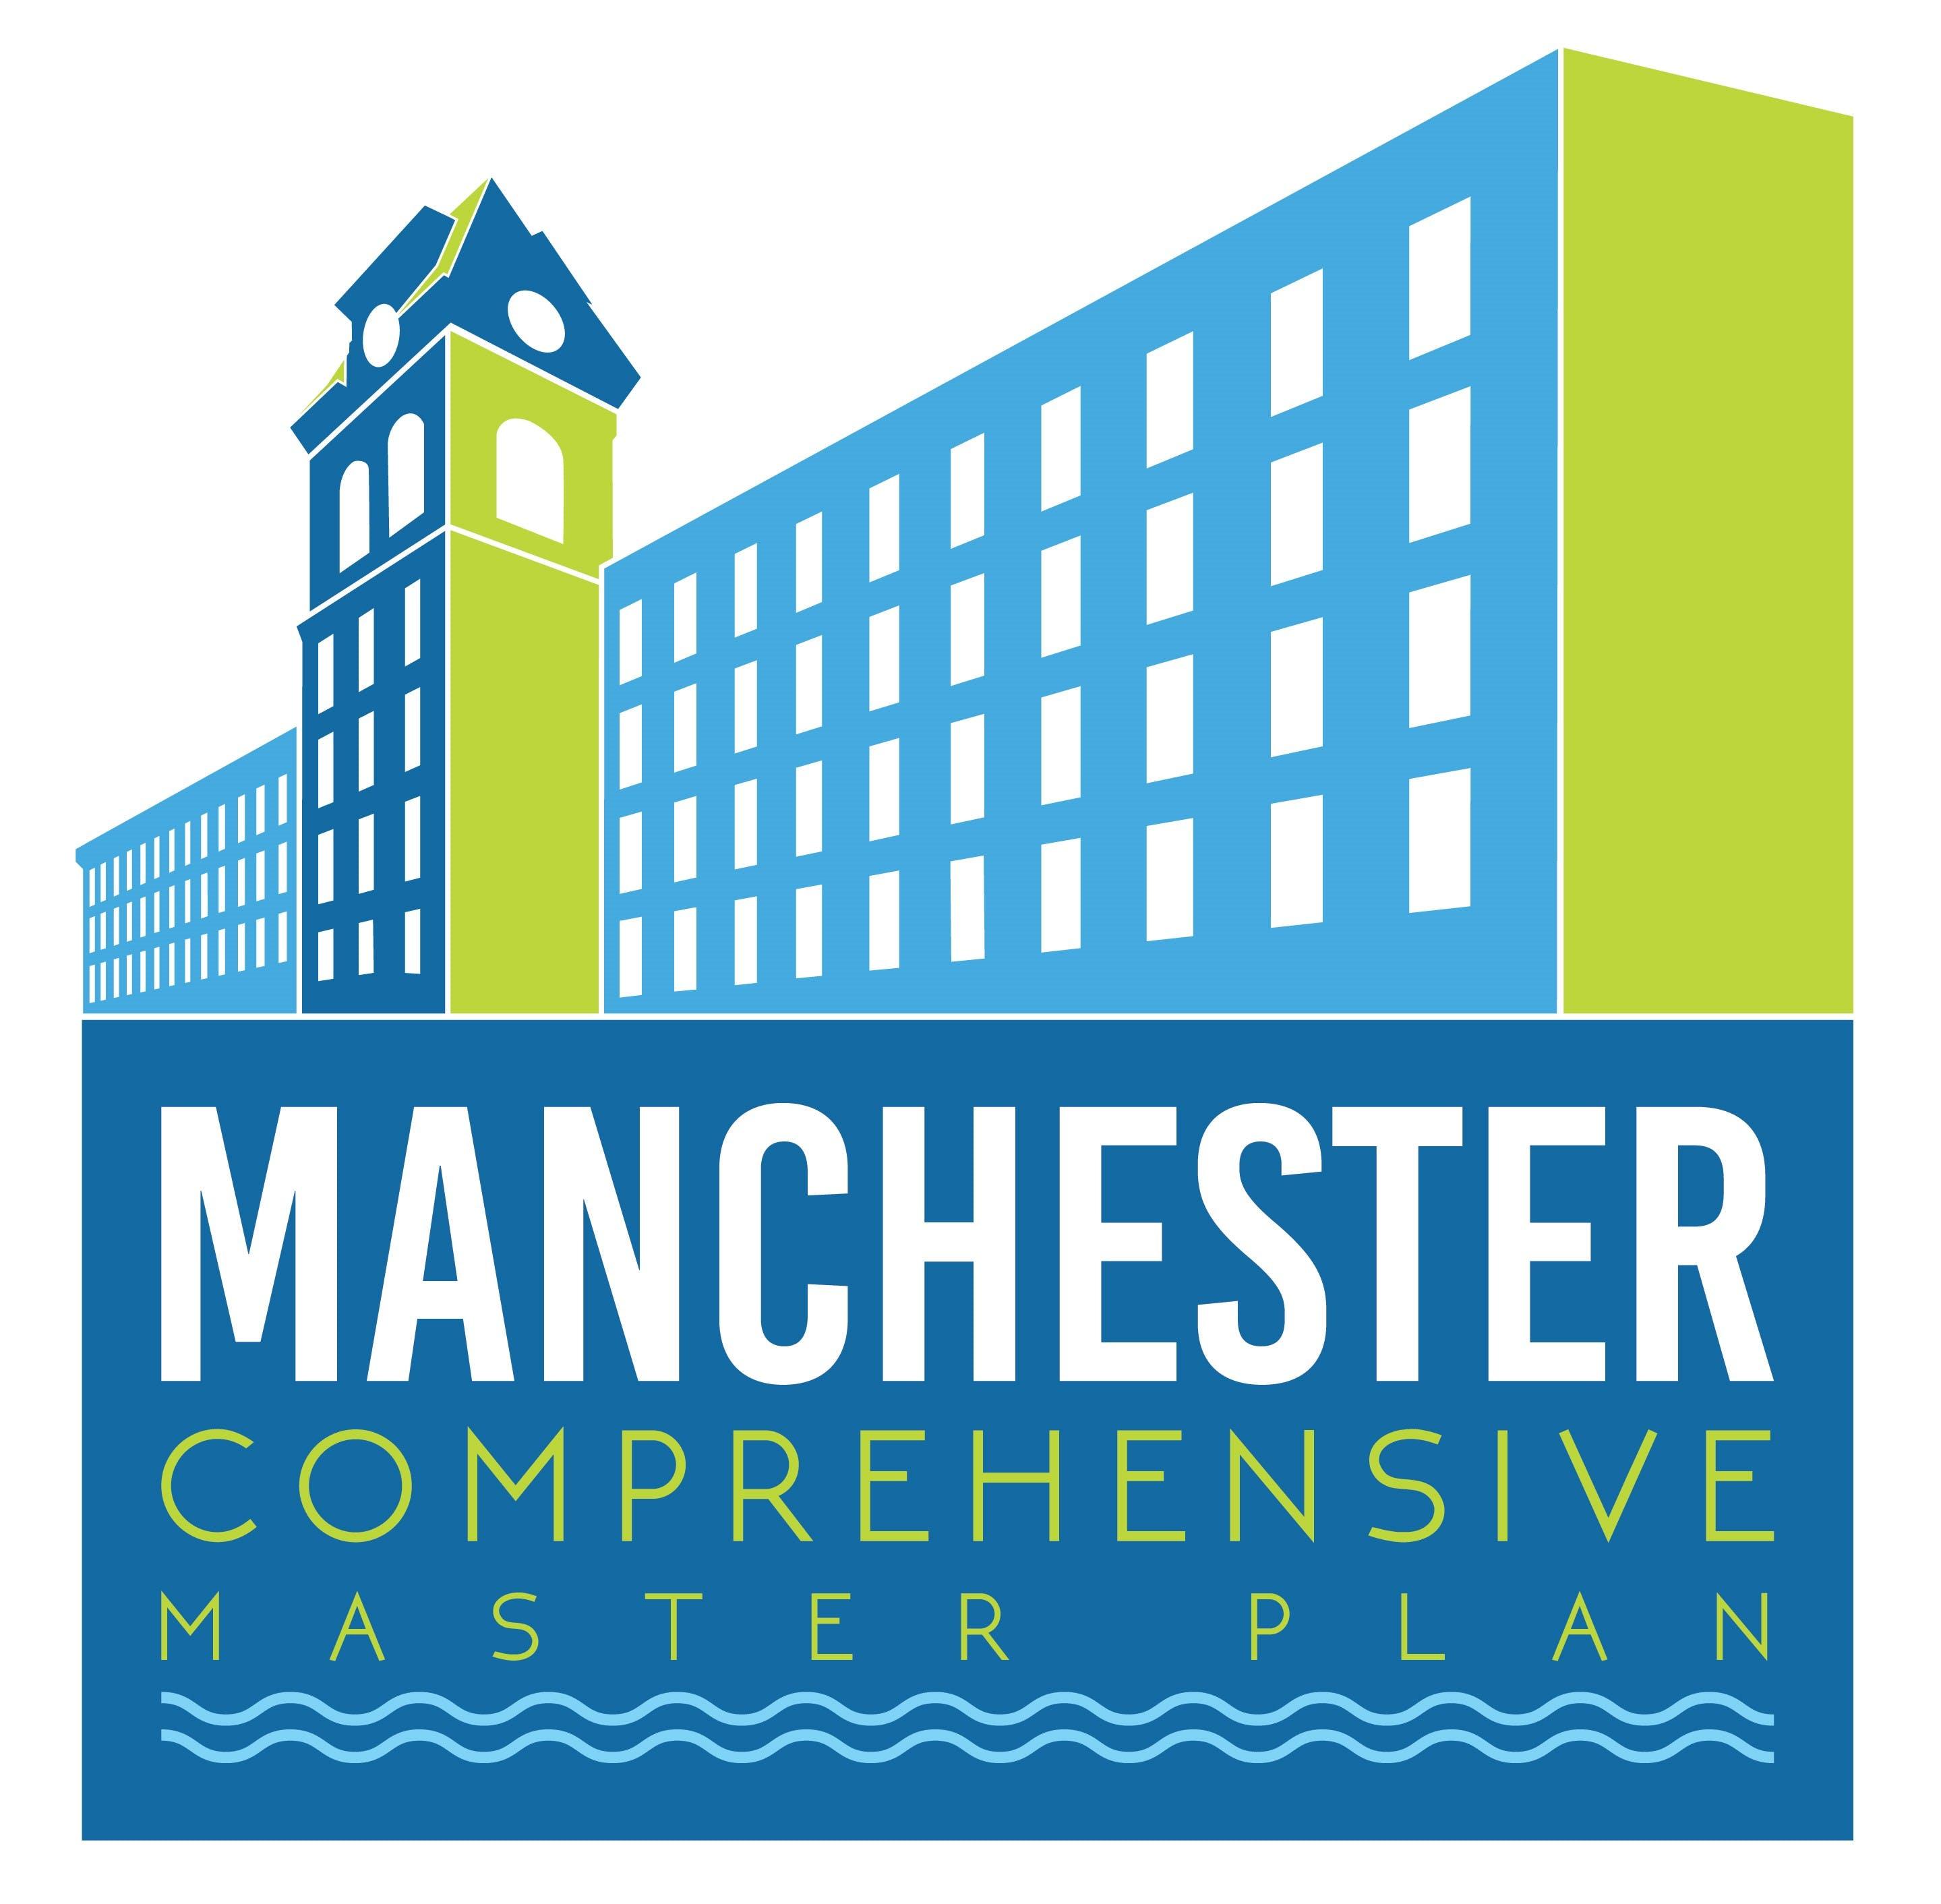 Plan Manchester